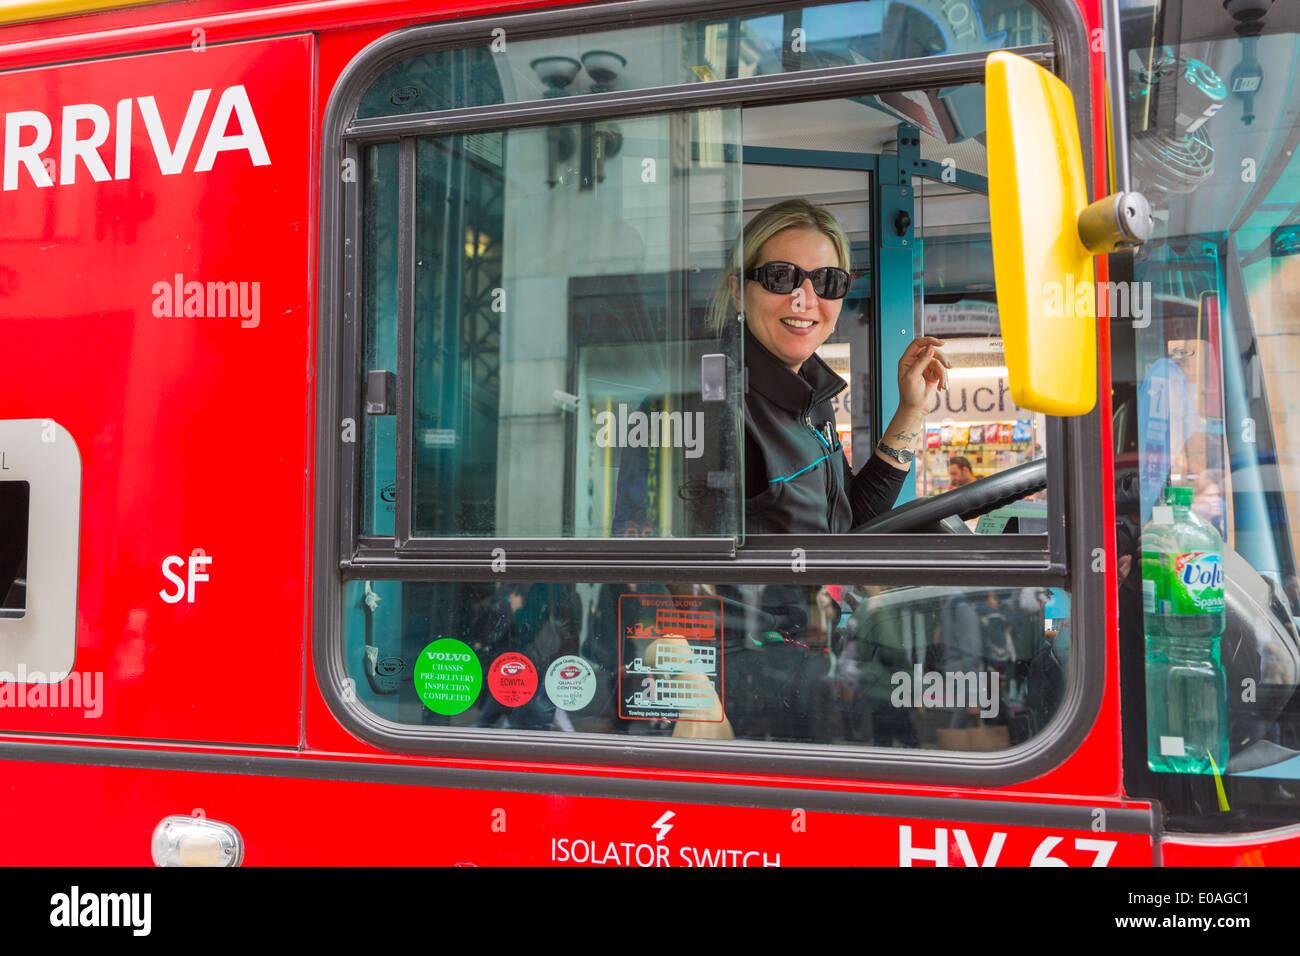 Laboriosos, feliz y sonriente conductor de autobús femenino de Londres, Londres, Inglaterra, Reino Unido. Imagen De Stock